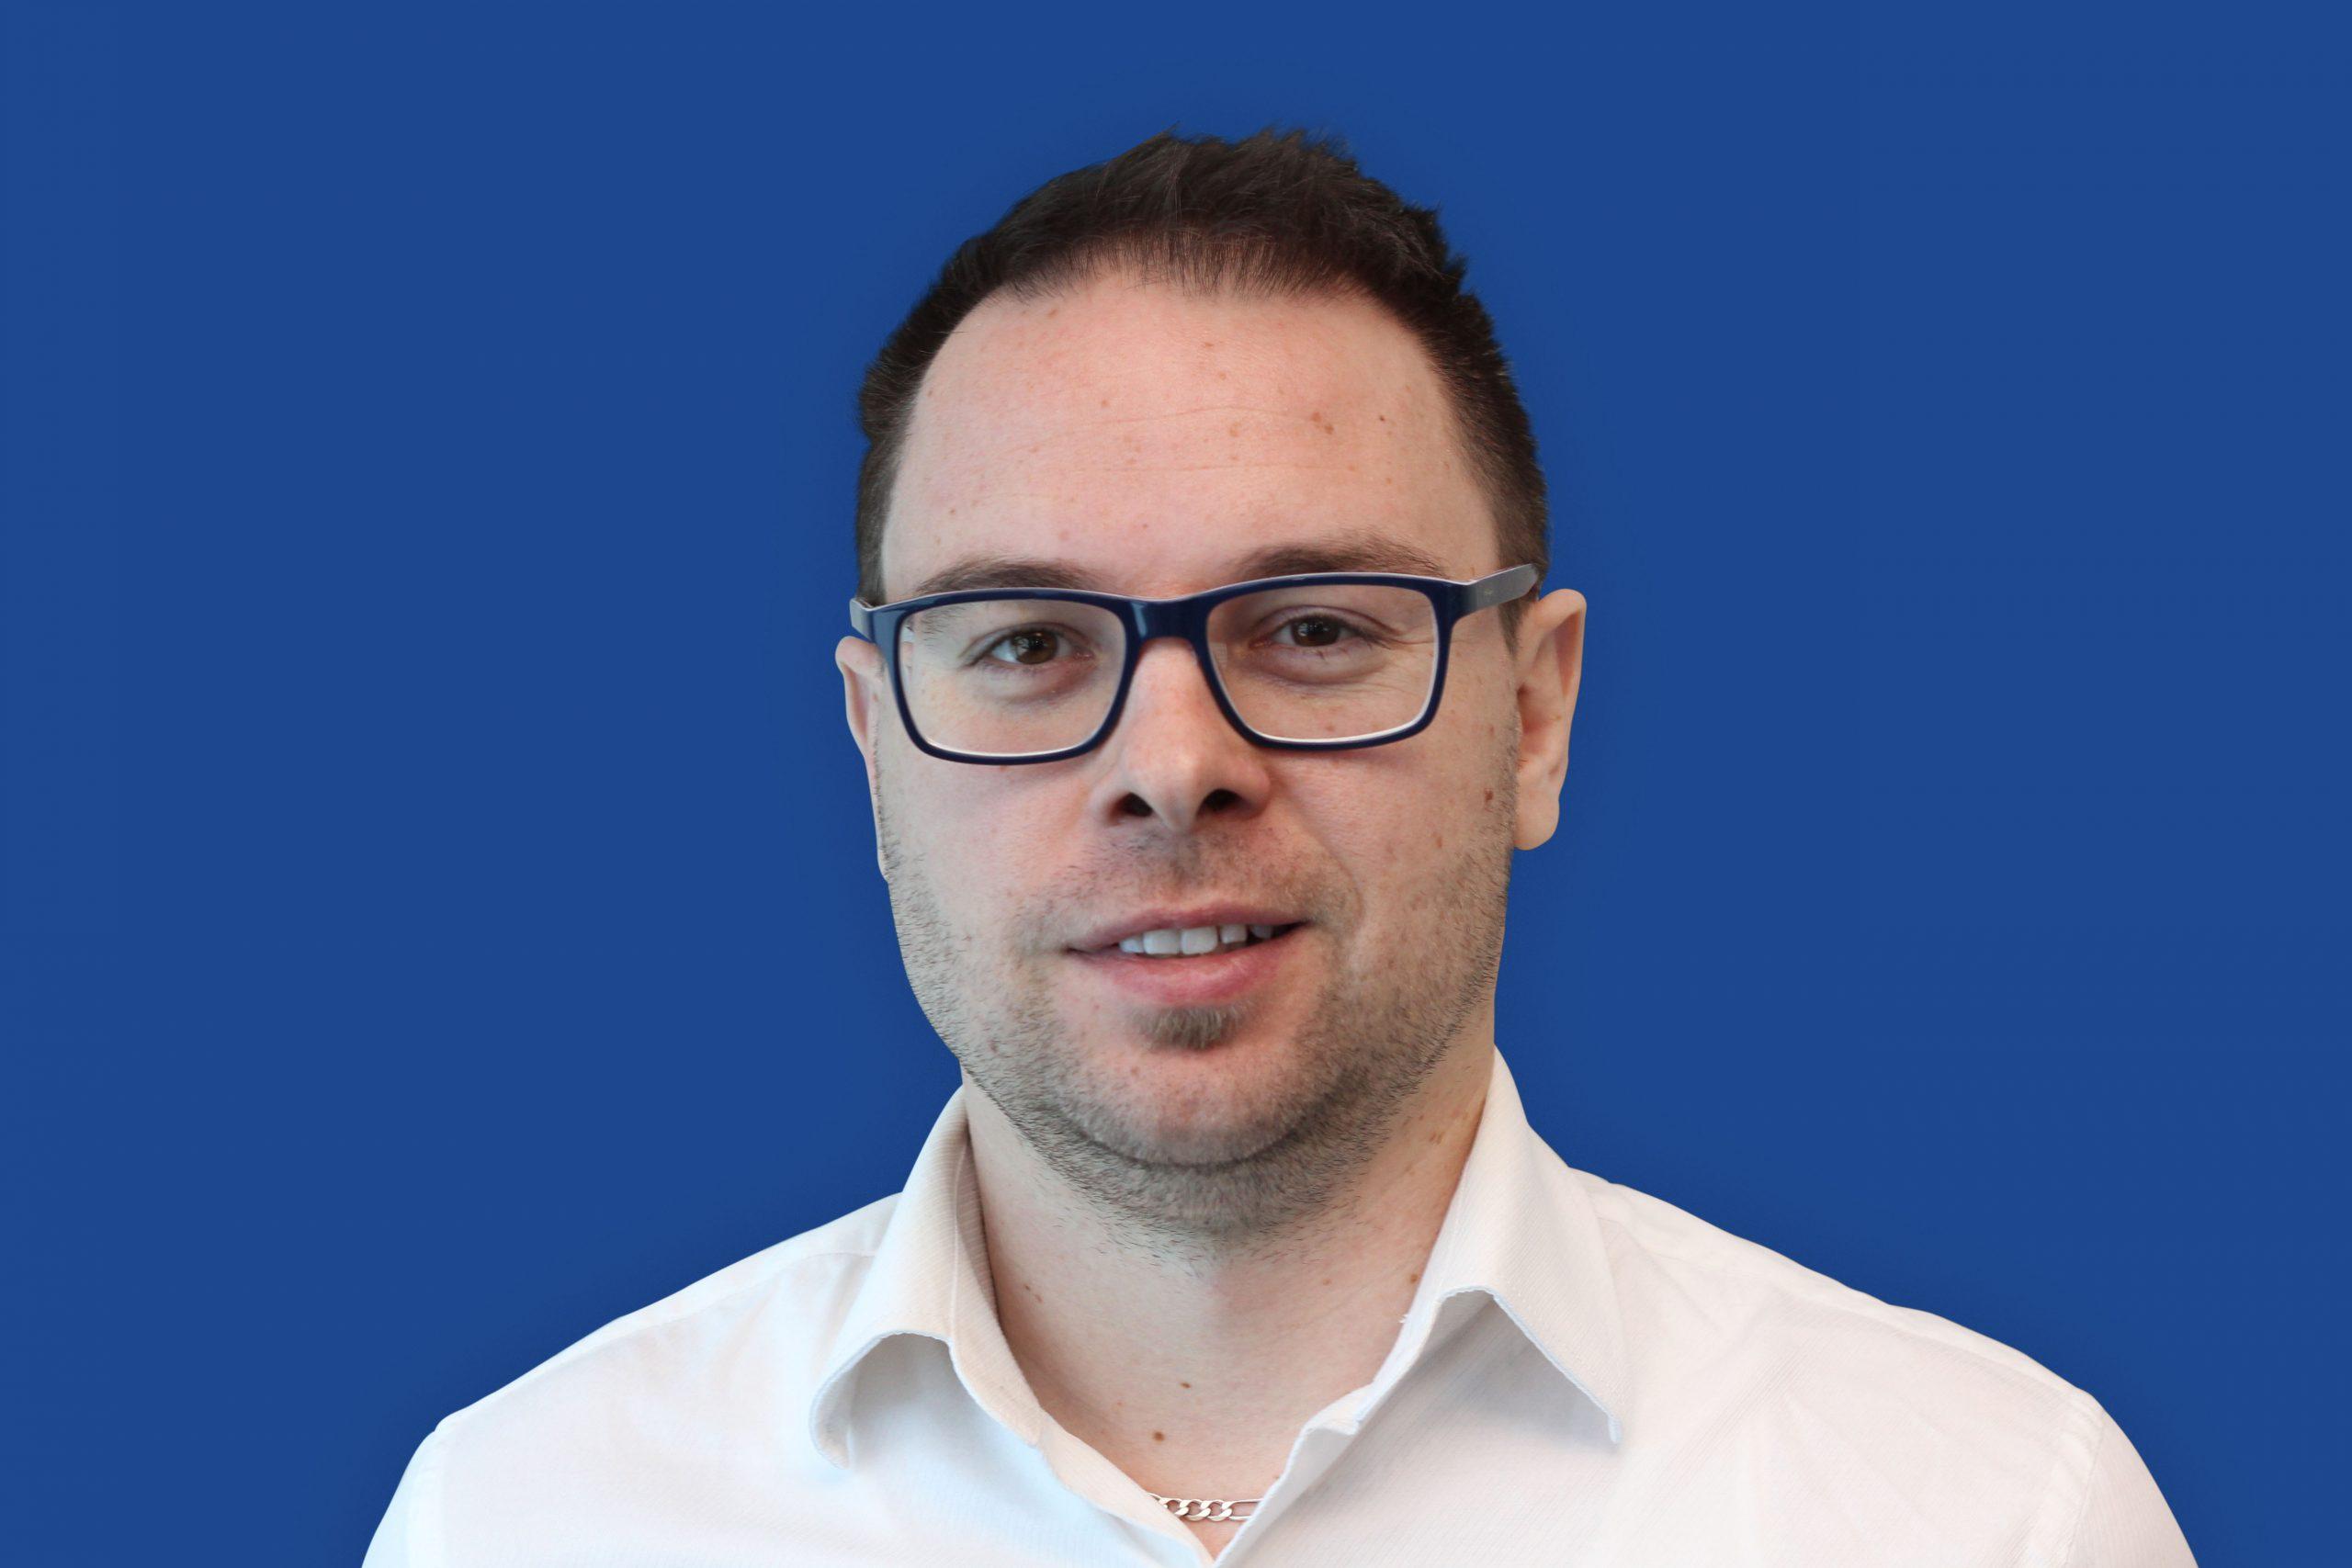 Jakub Adamczyk